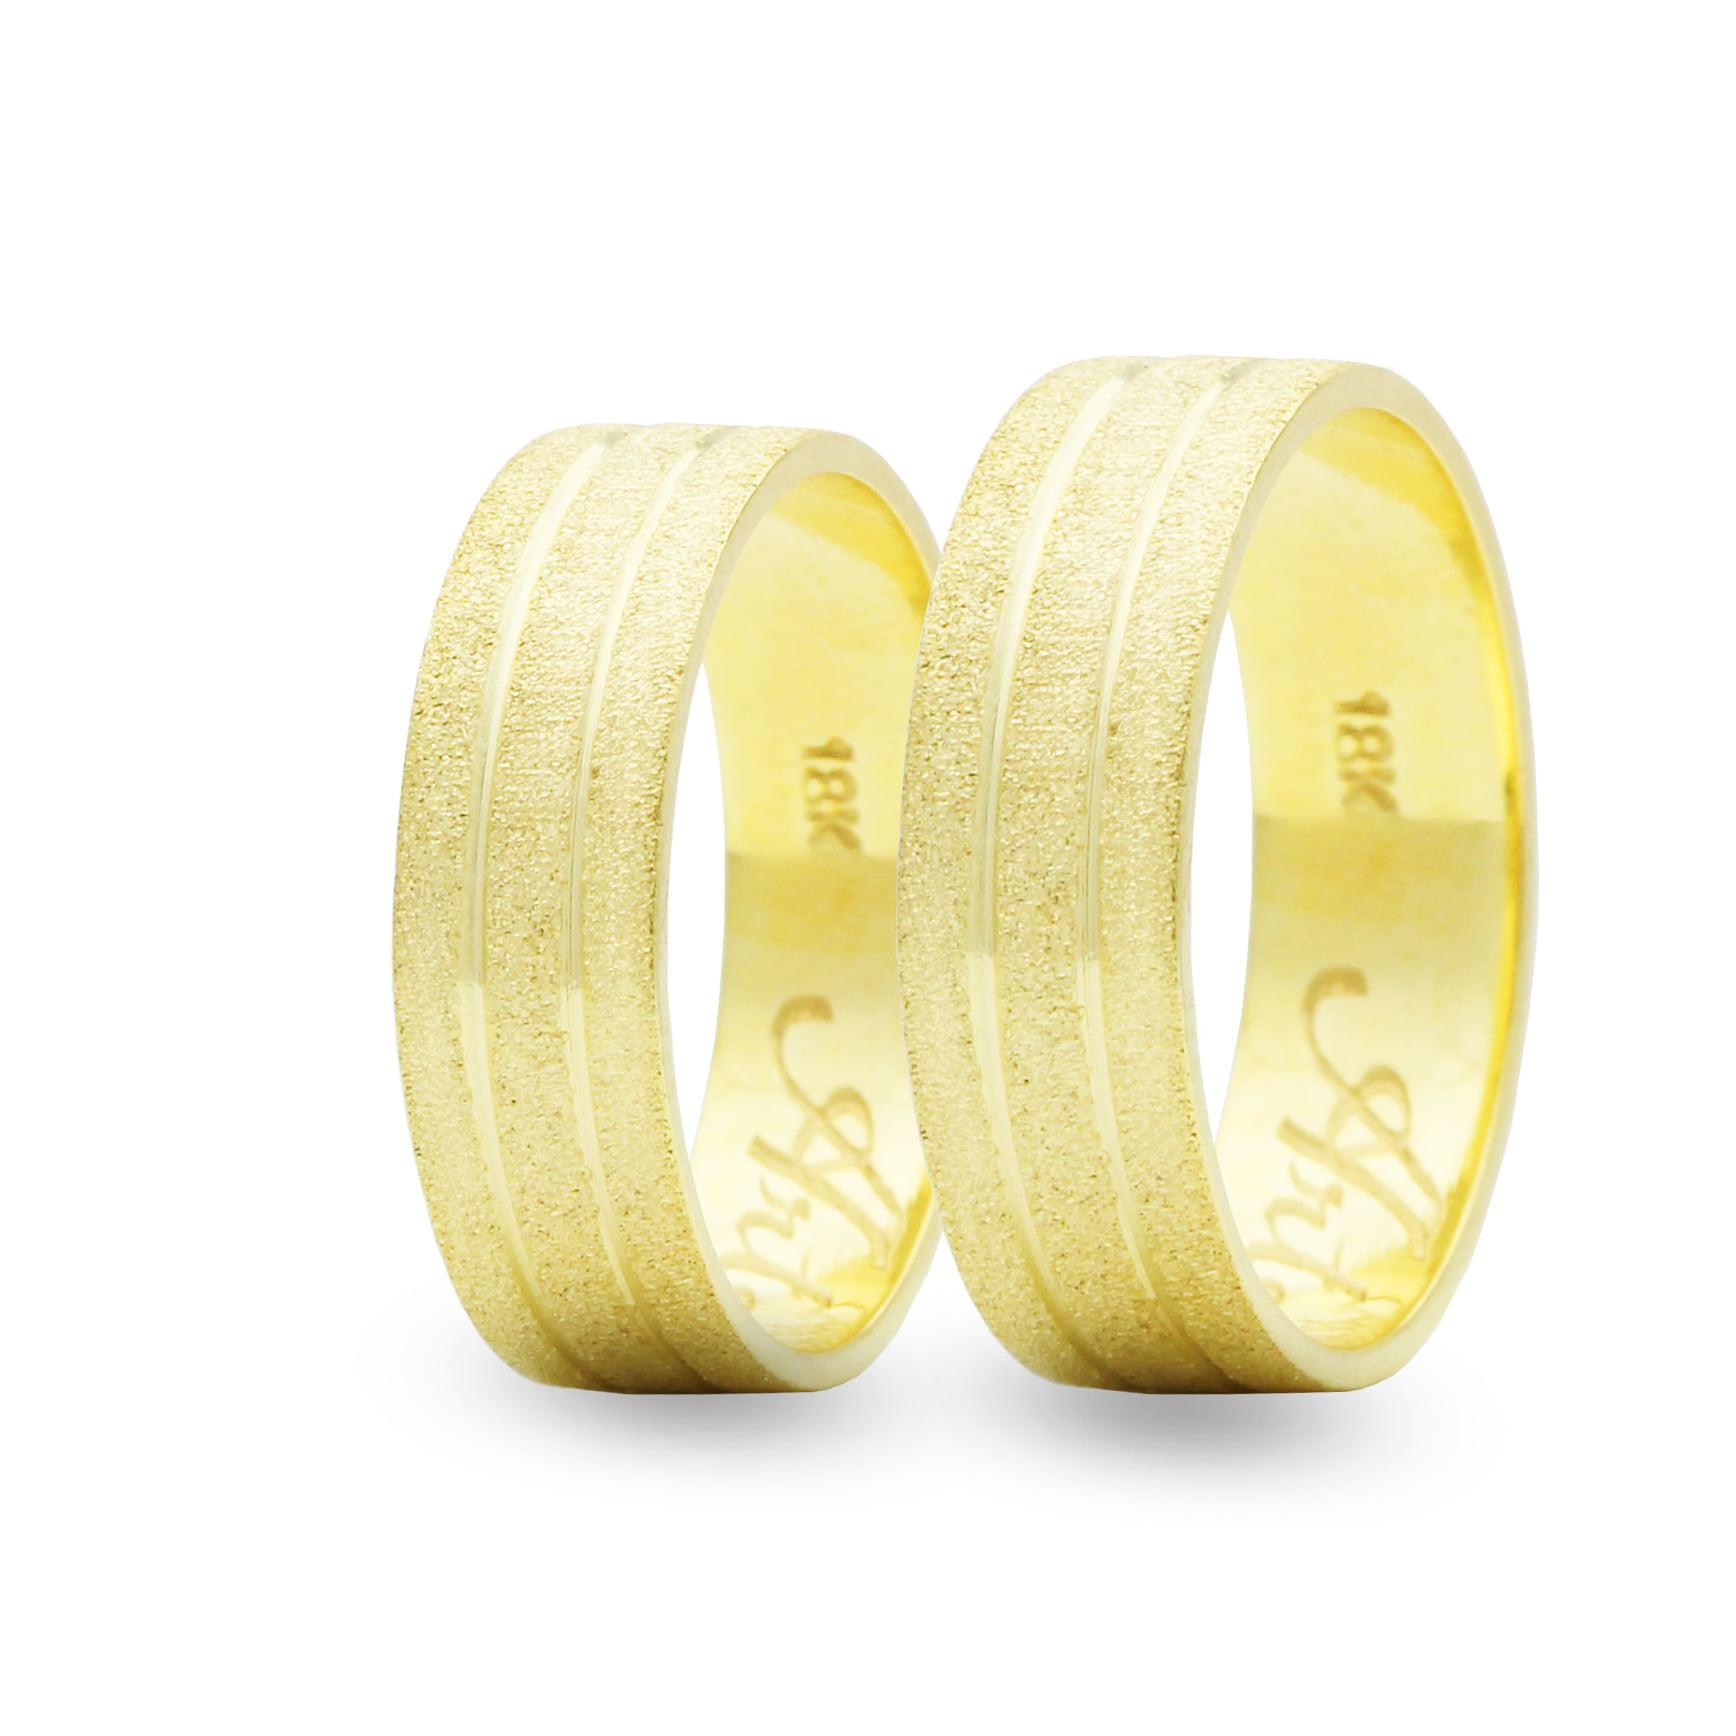 Par de Alianças em Ouro 18k 10 gramas 7mm de largura – Quadrada Trabalhada Diamantada